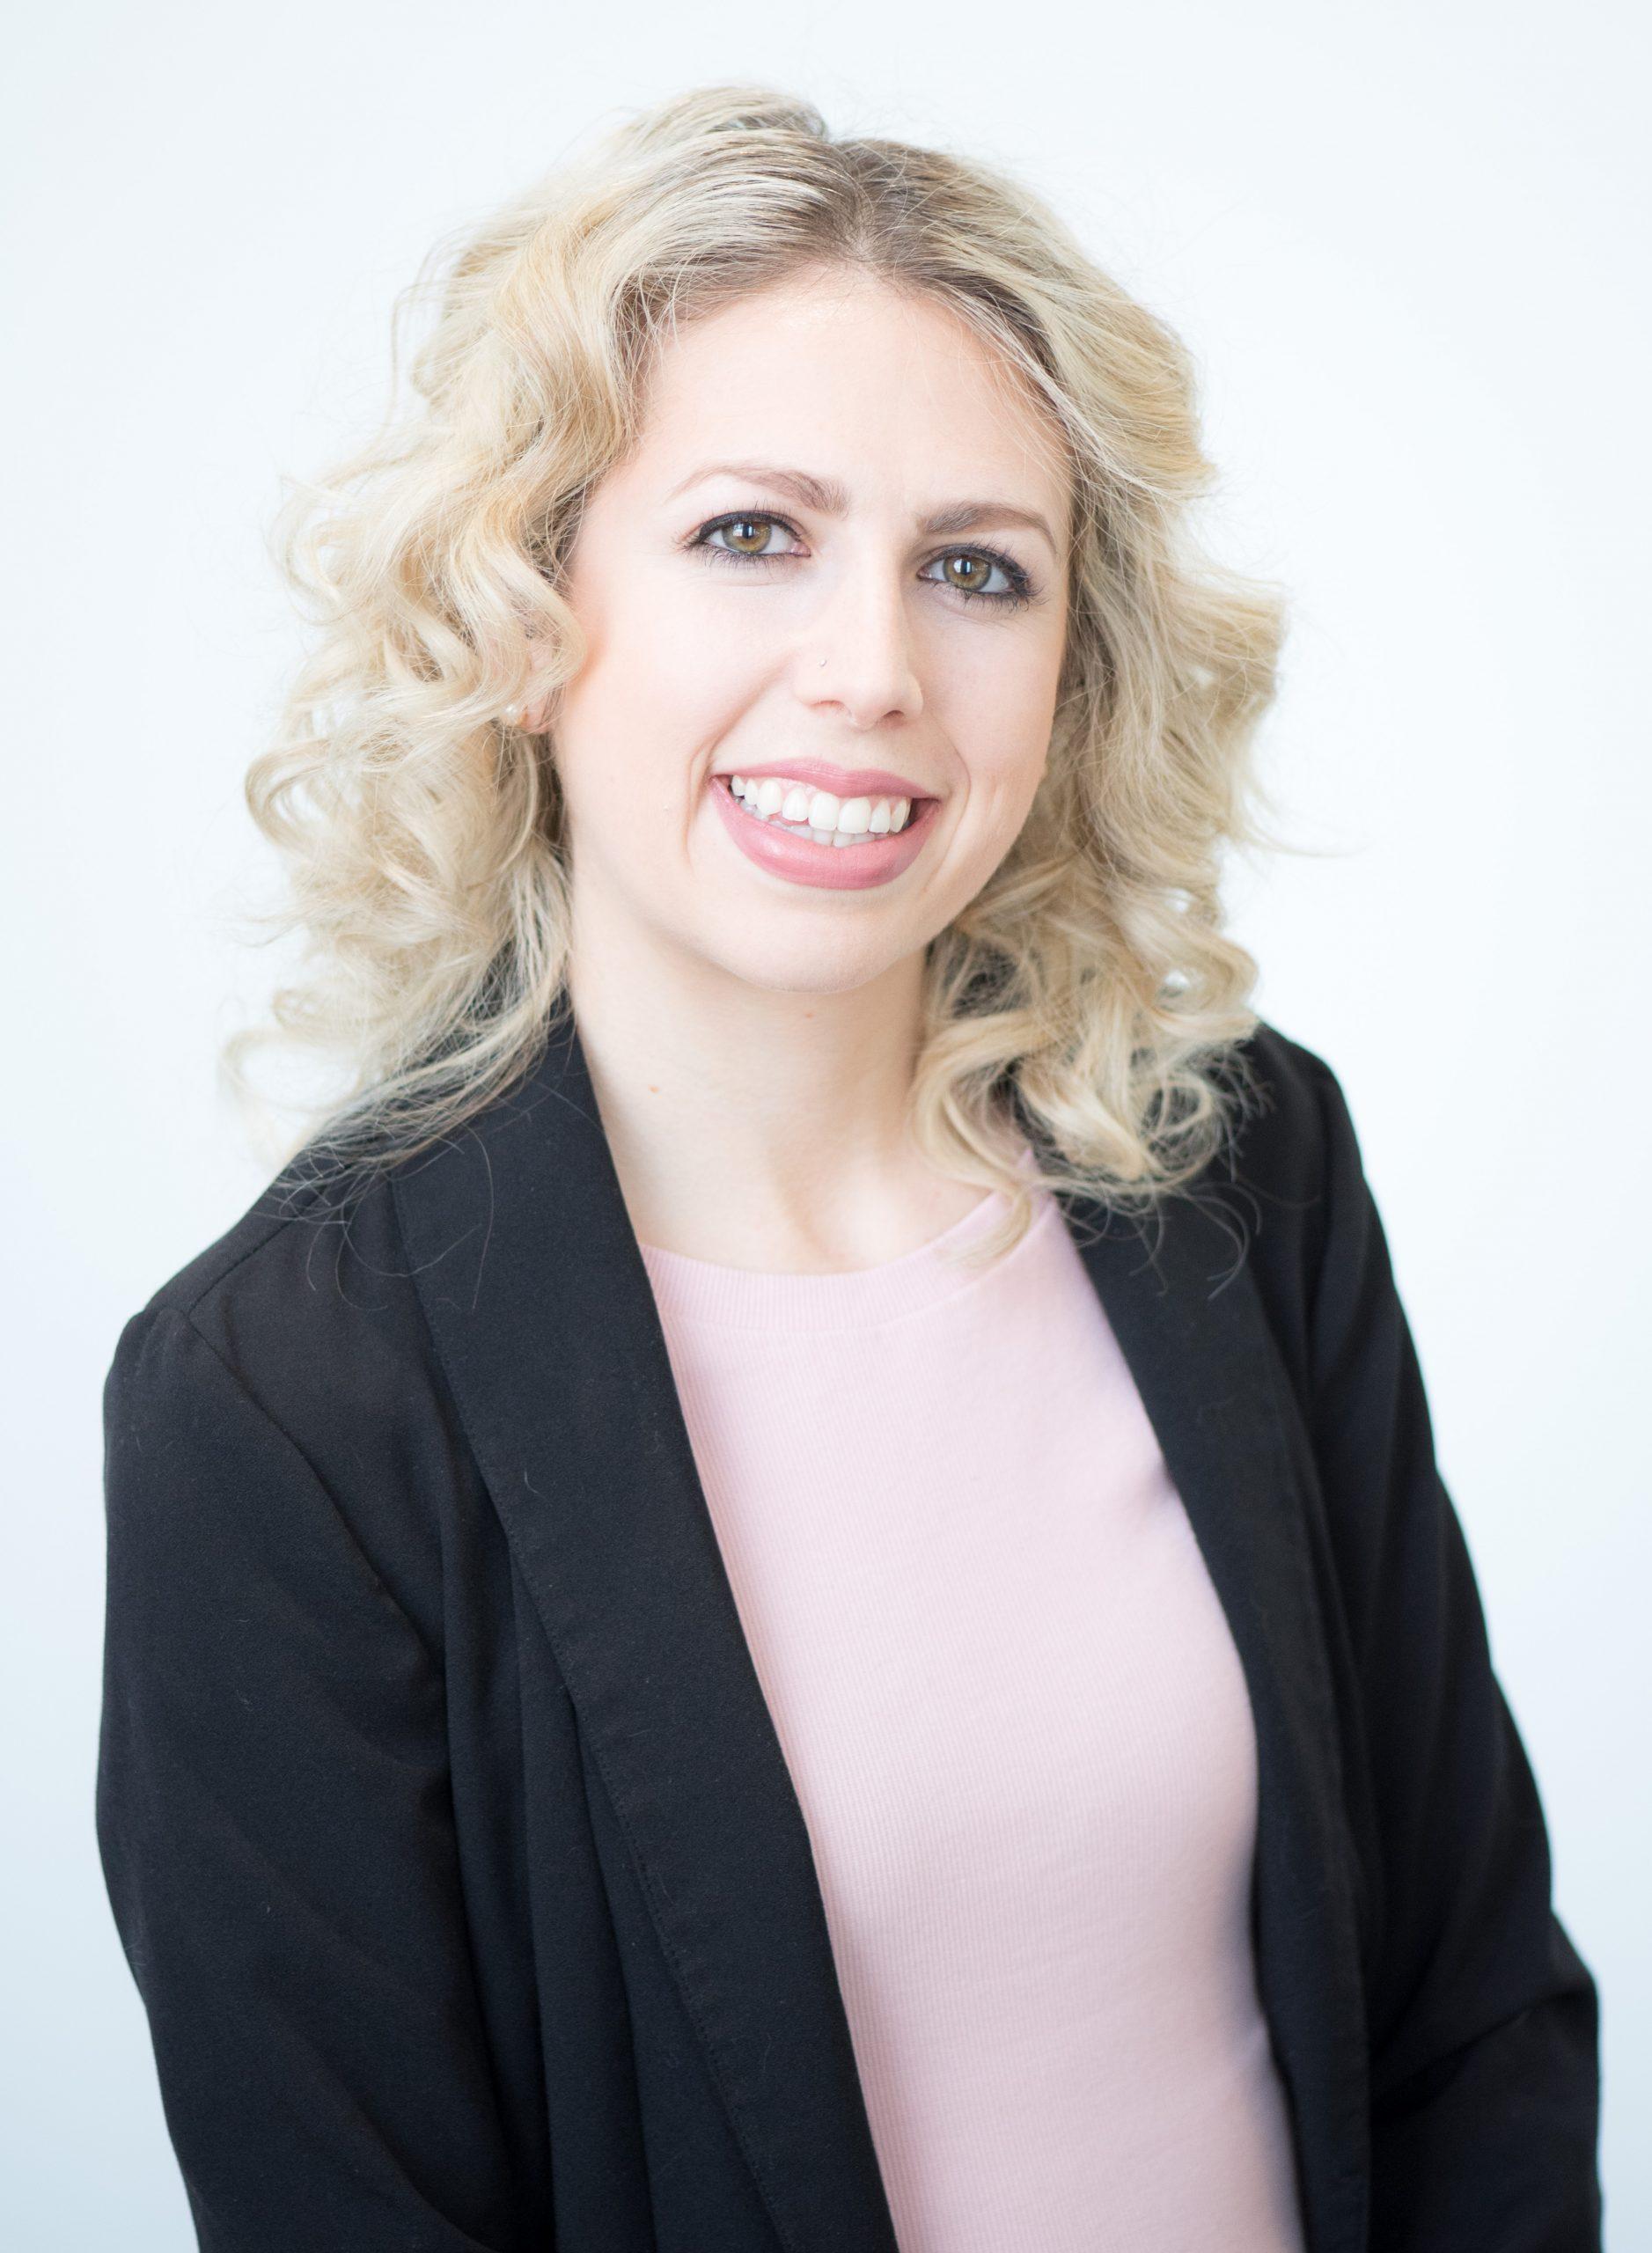 Kaitlyn Lastoria